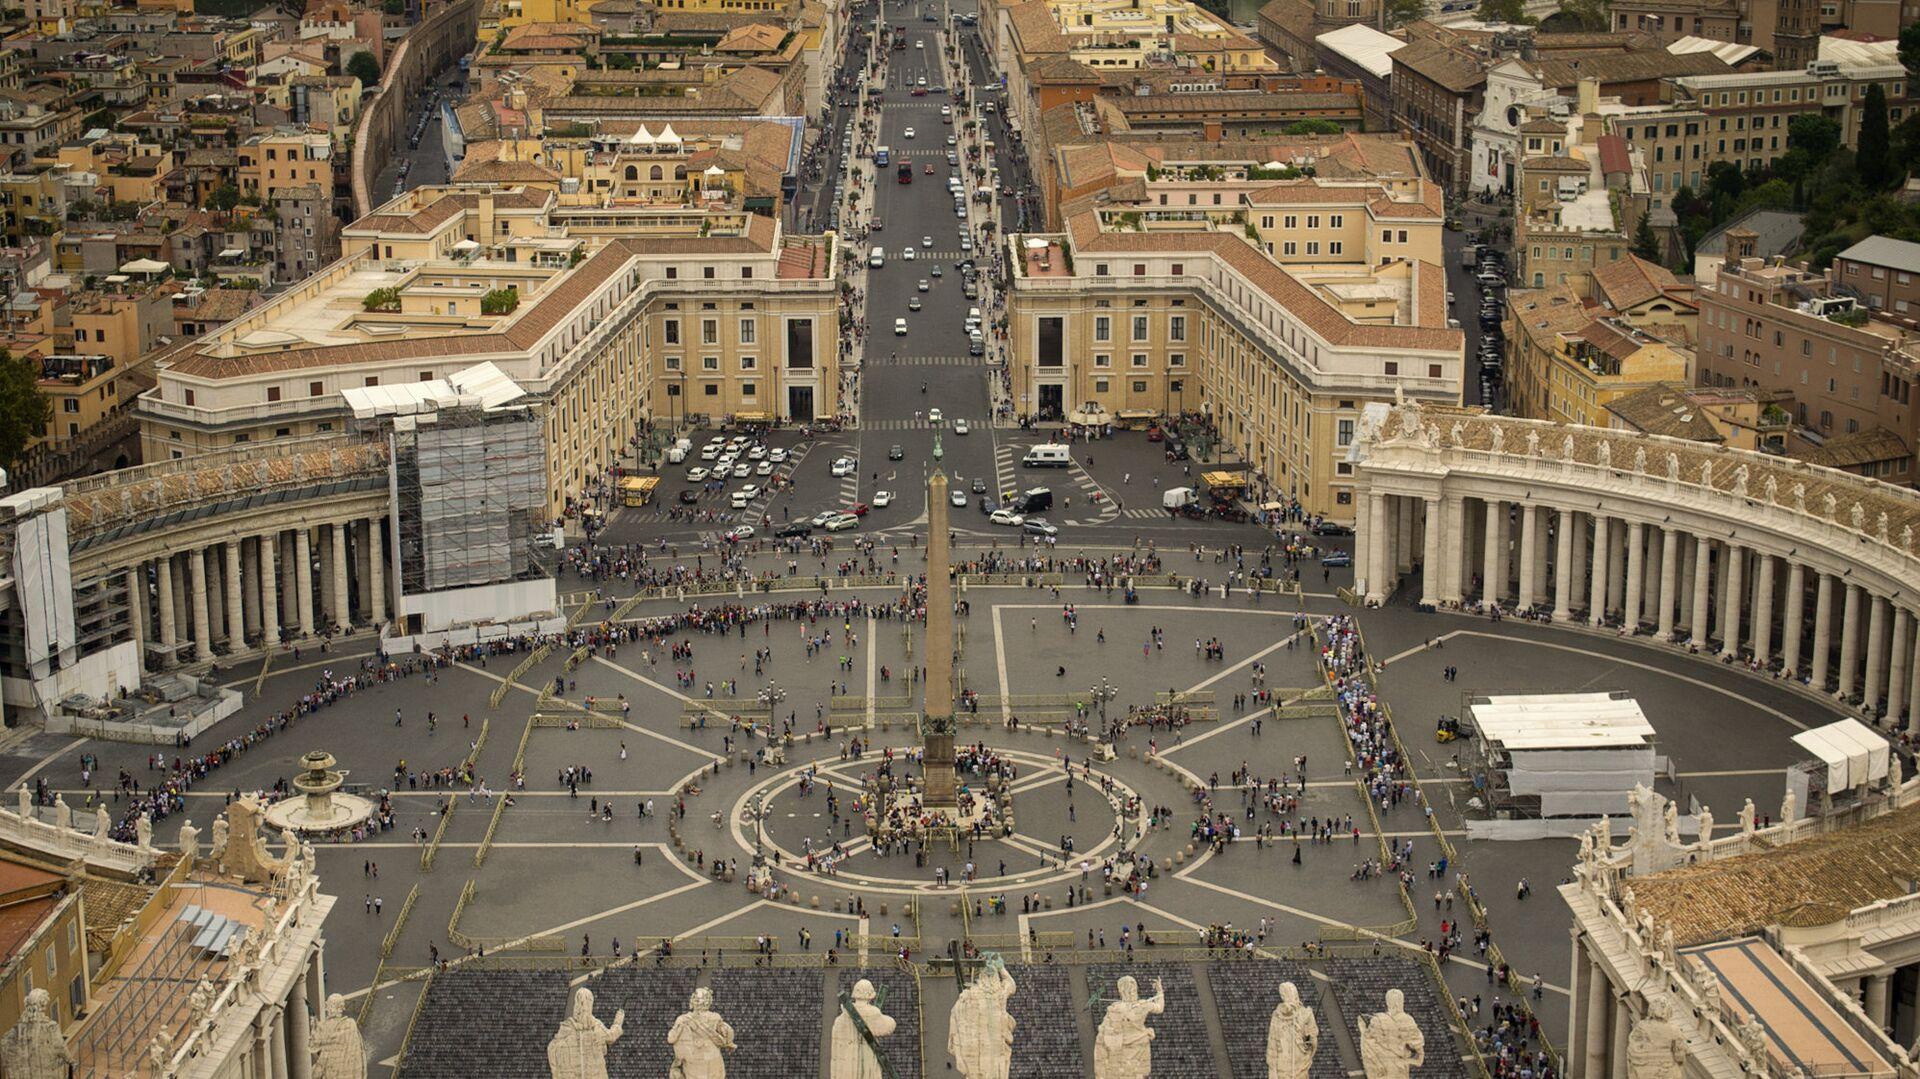 La Plaza de San Pedro, Vaticano - Sputnik Mundo, 1920, 21.06.2021